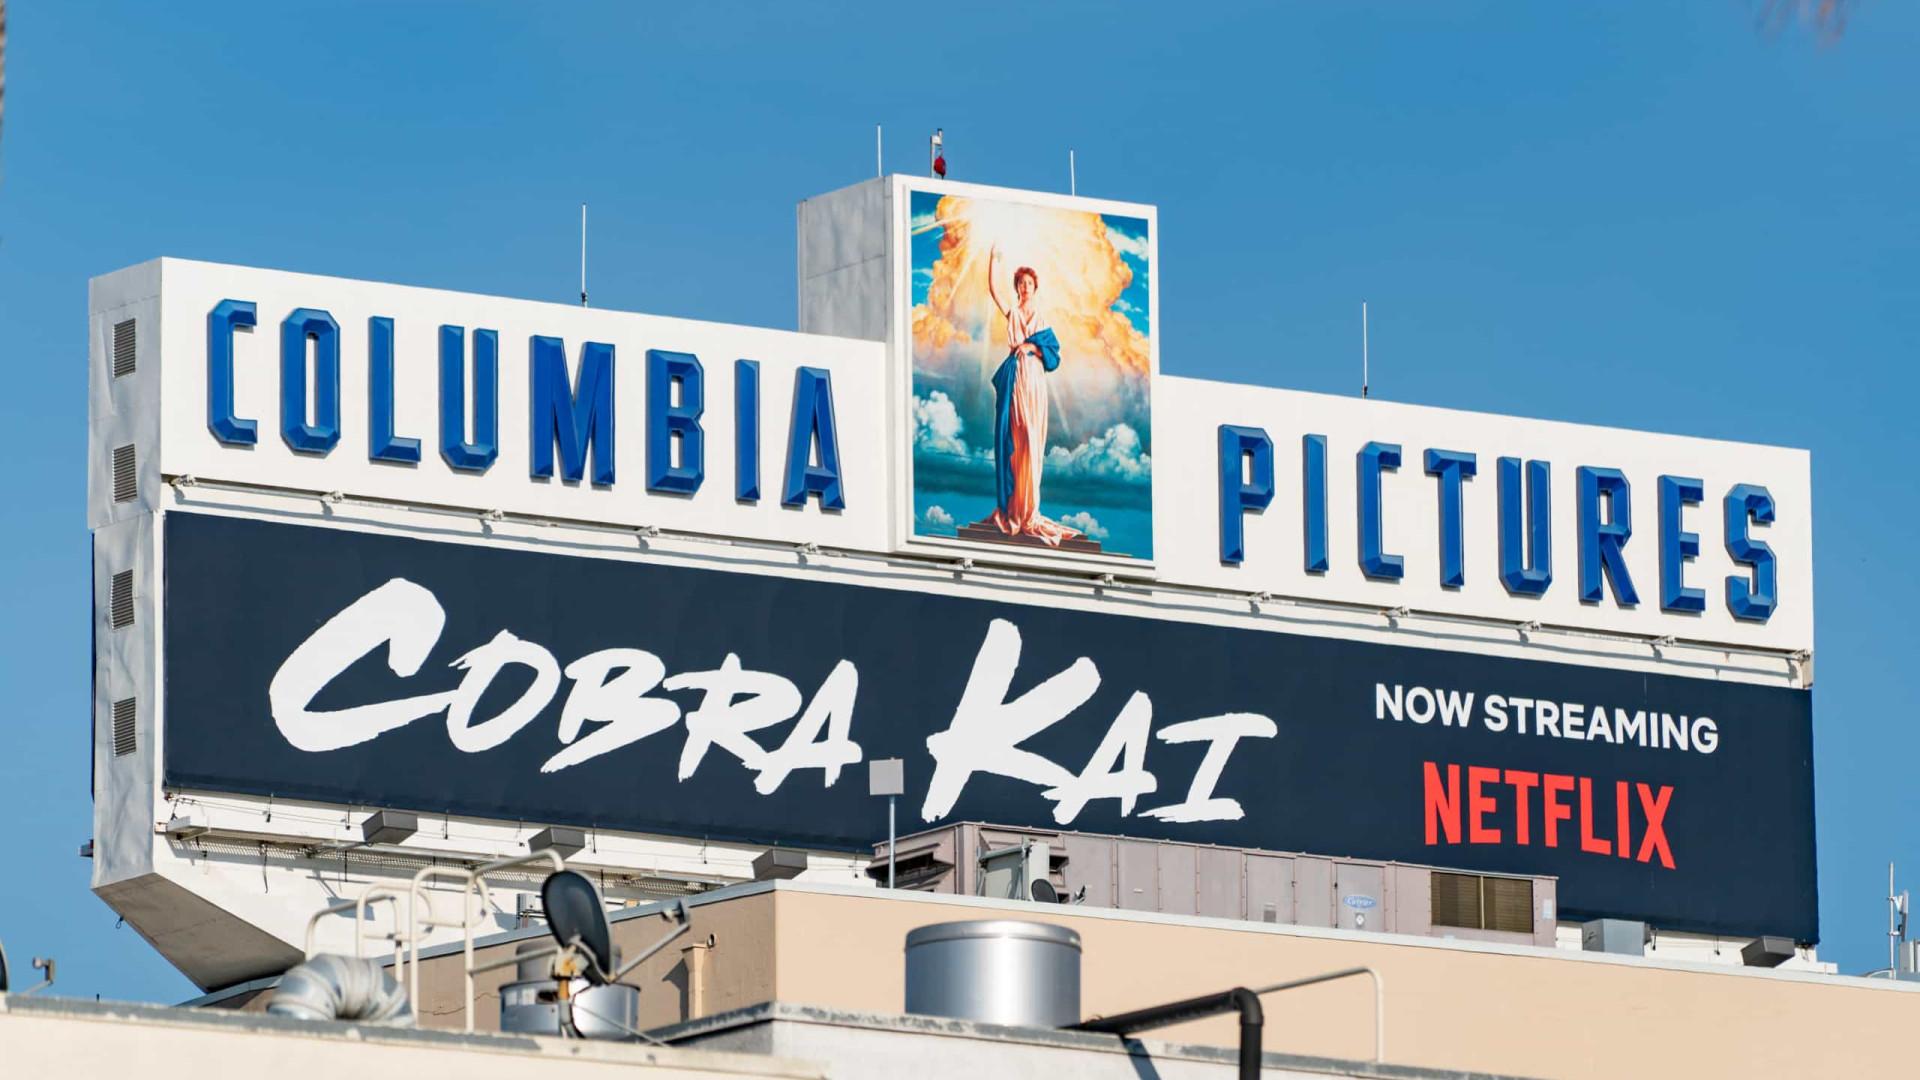 Netflix anuncia quarta temporada de 'Cobra Kai' para dezembro